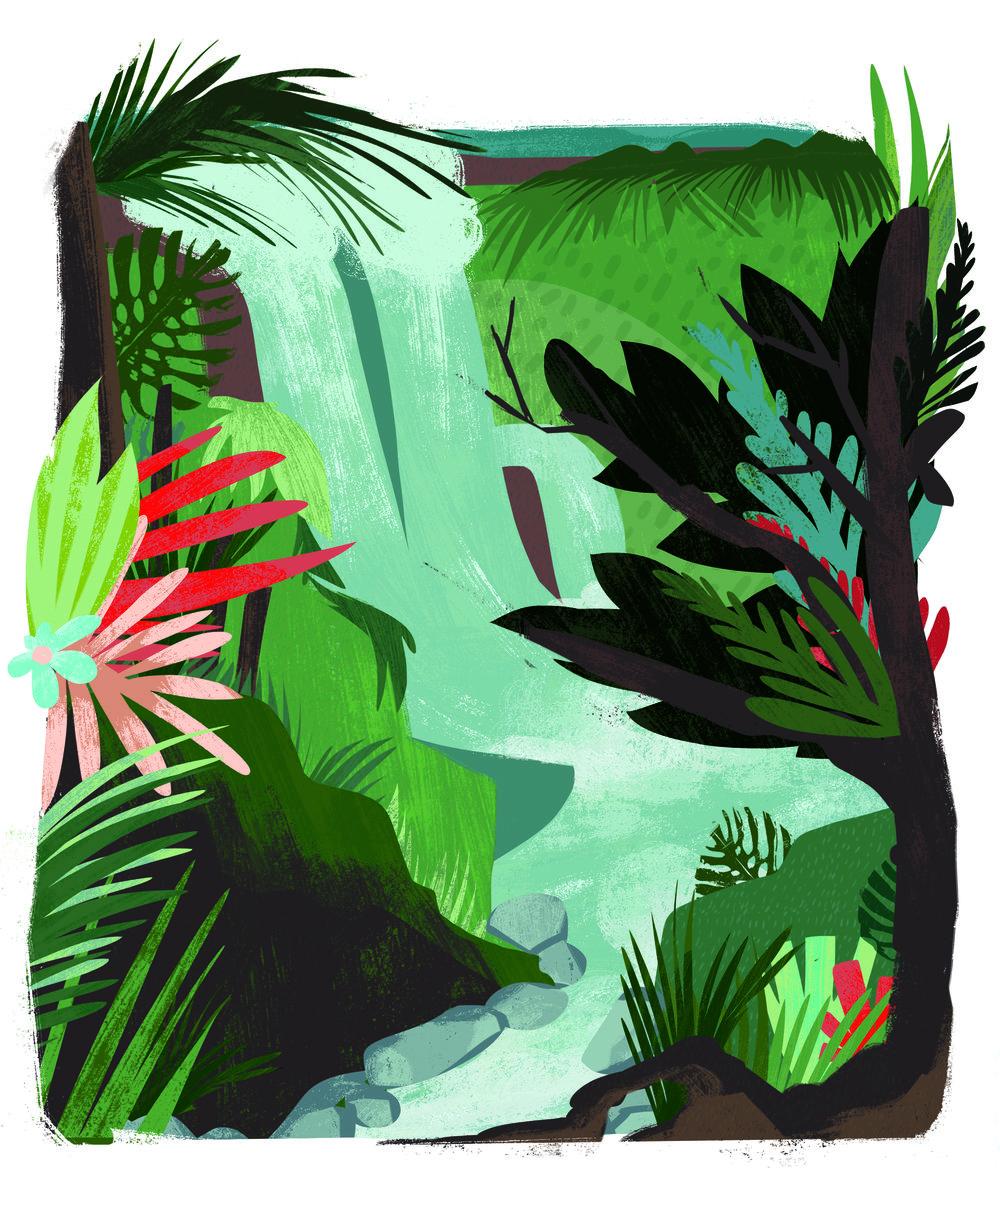 4rainforest.jpg